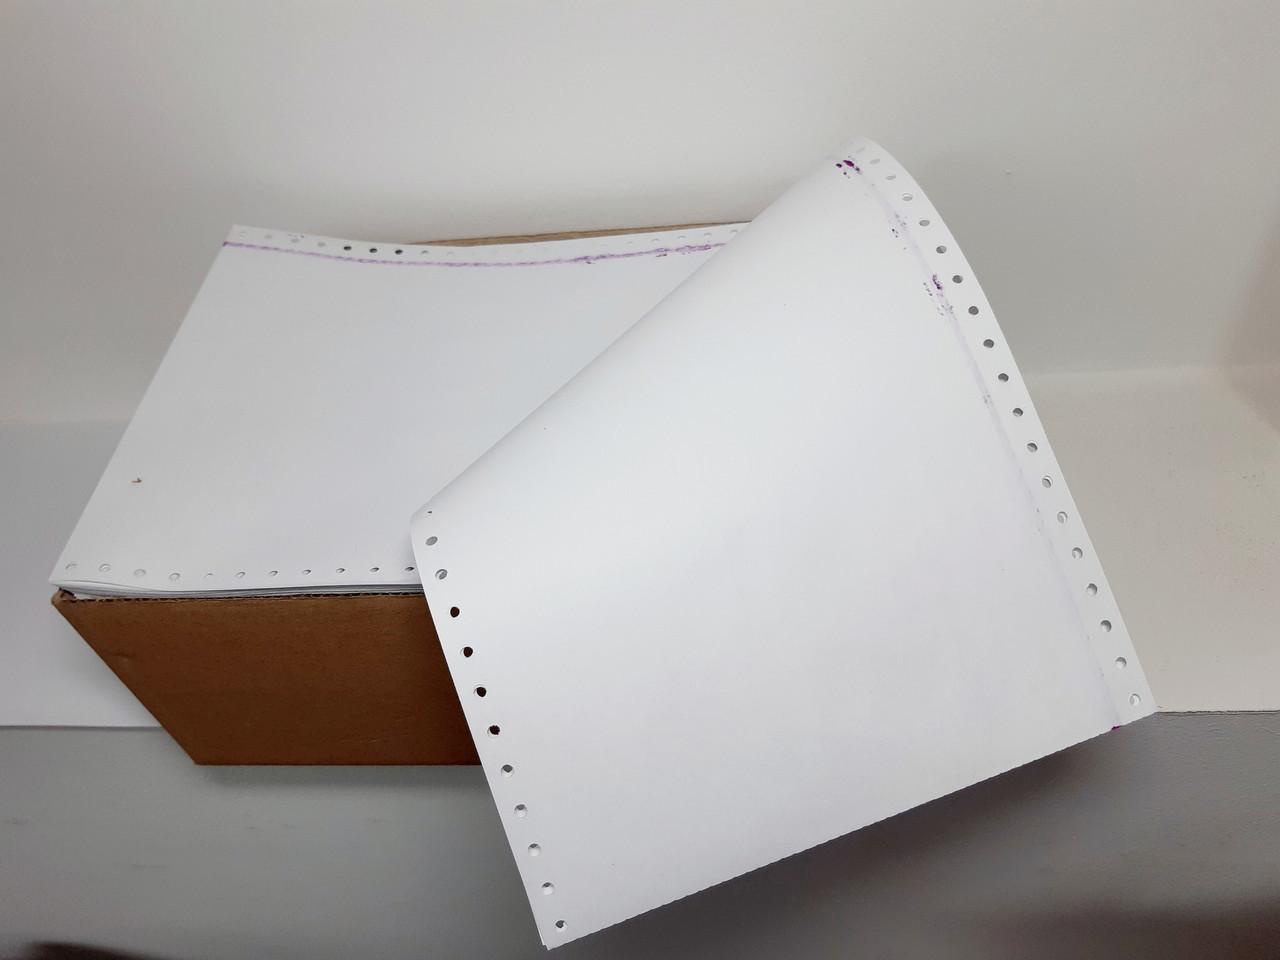 Бумага перфорированная фальцованная СПФ 210 L 55г/м2